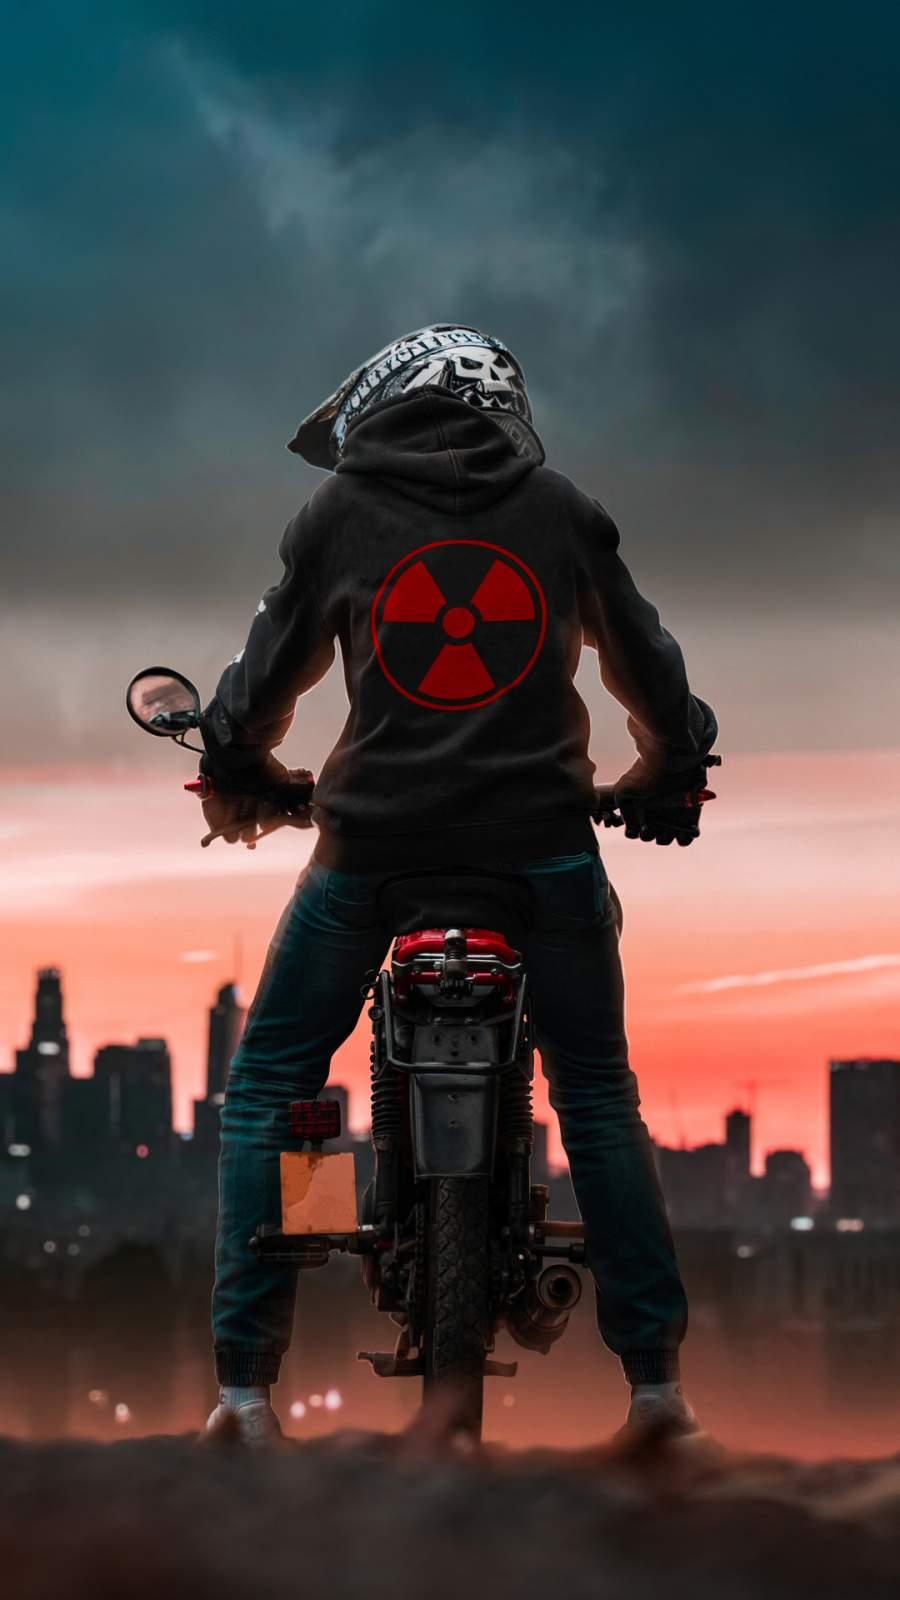 Radioactive Biker iPhone Wallpaper